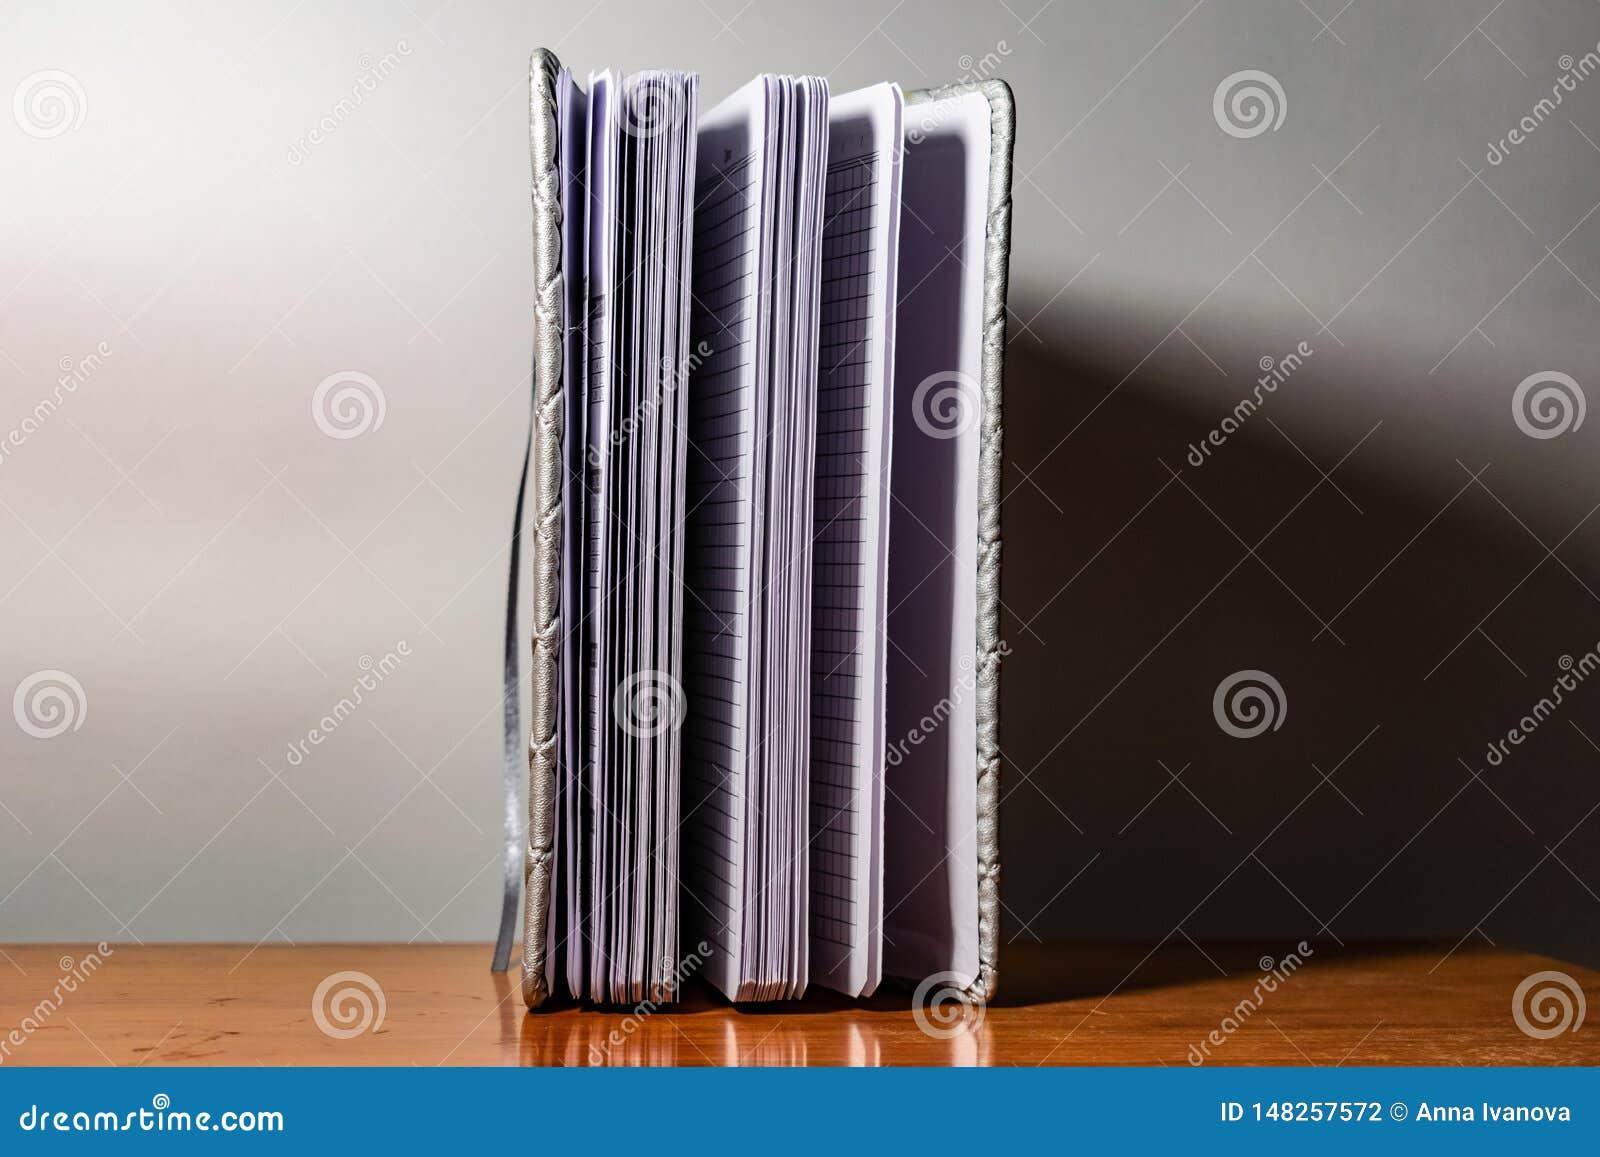 Ένα βιβλίο, ένα σημειωματάριο με ένα ελεγμένο σχέδιο σε έναν ξύλινο πίνακα σε διαφορετικό θέτει Η κάλυψη είναι γκρίζα και μαλακή